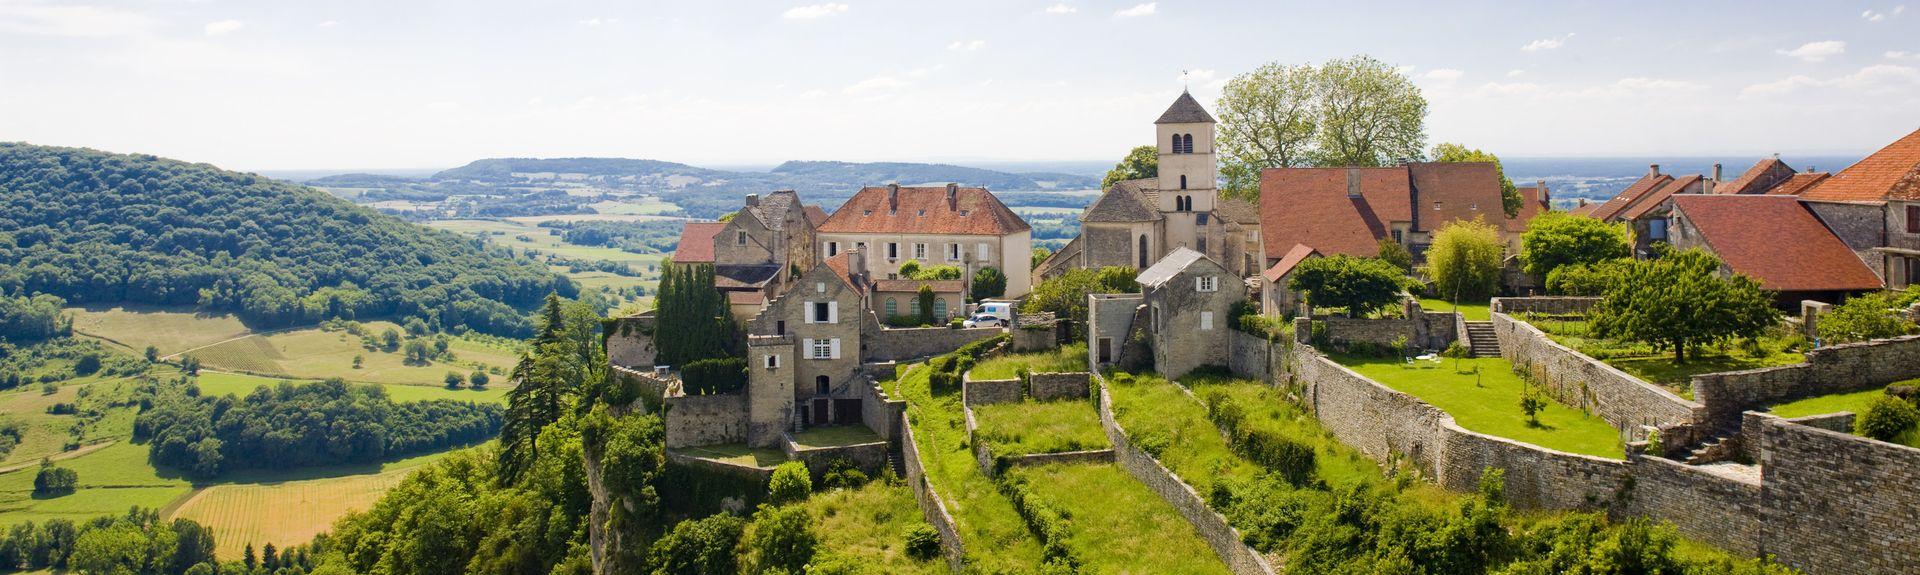 Jura, Bourgogne-Franche-Comté, France